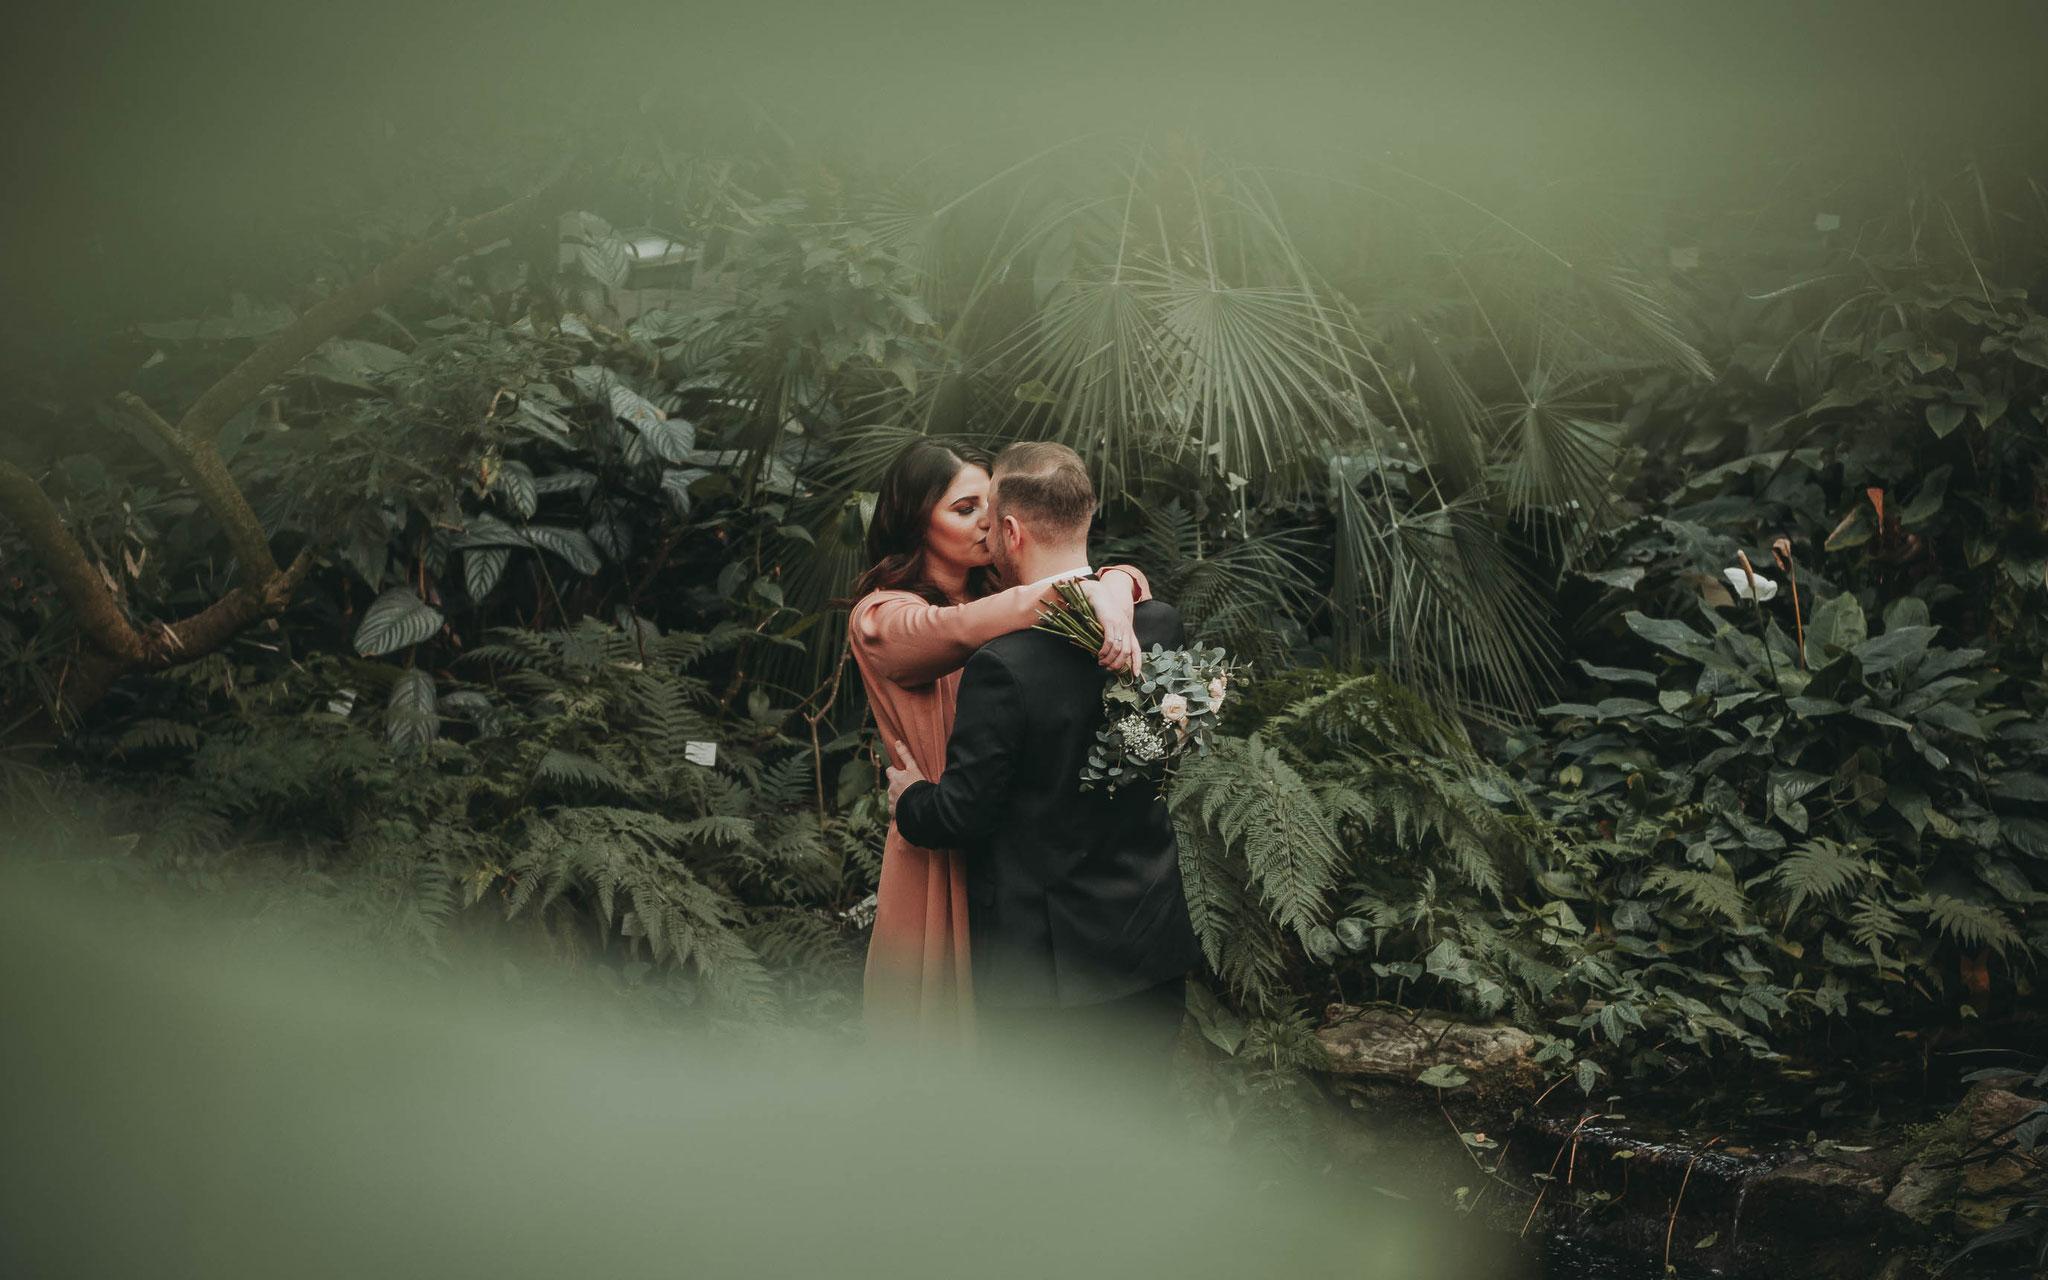 Kameramann für russische Hochzeit türkische Verlobung deutsche Veranstaltung in Kassel und Deutschlandweit